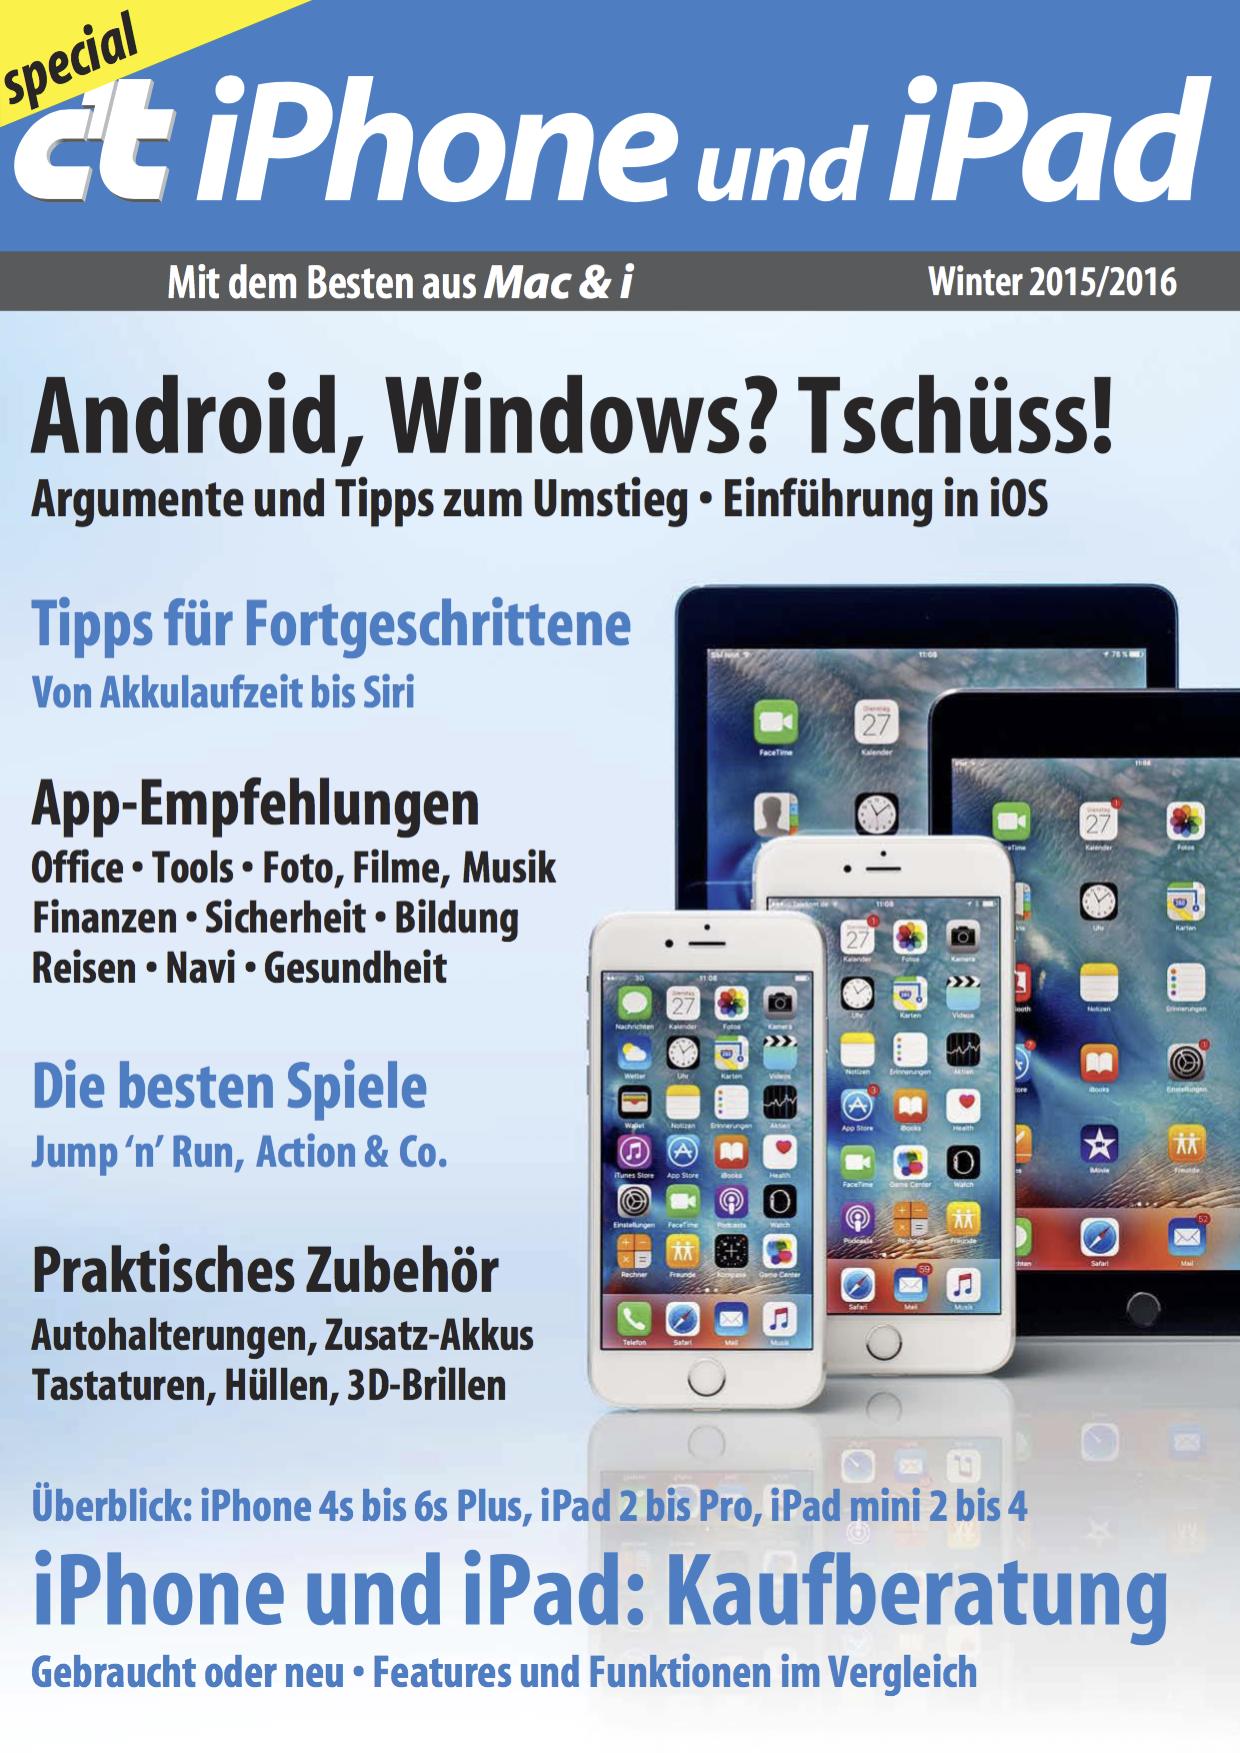 c't Special iPhone und iPad - Cover